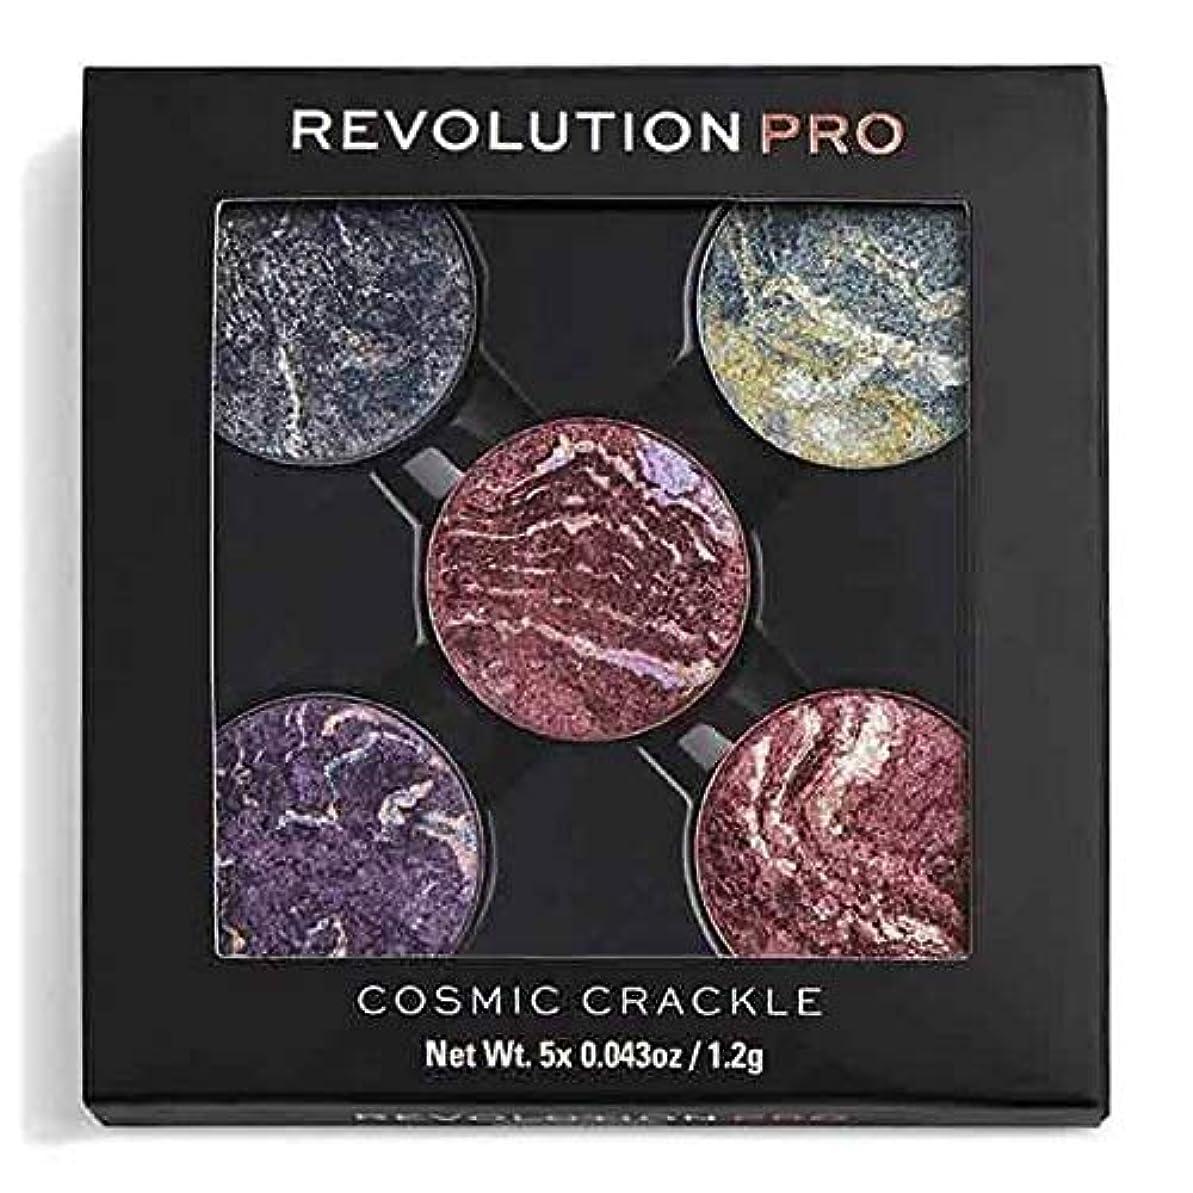 パラメータ安定したジャンプ[Revolution ] 革命プロリフィルアイシャドウは、宇宙クラックルをパック - Revolution Pro Refill Eyeshadow Pack Cosmic Crackle [並行輸入品]